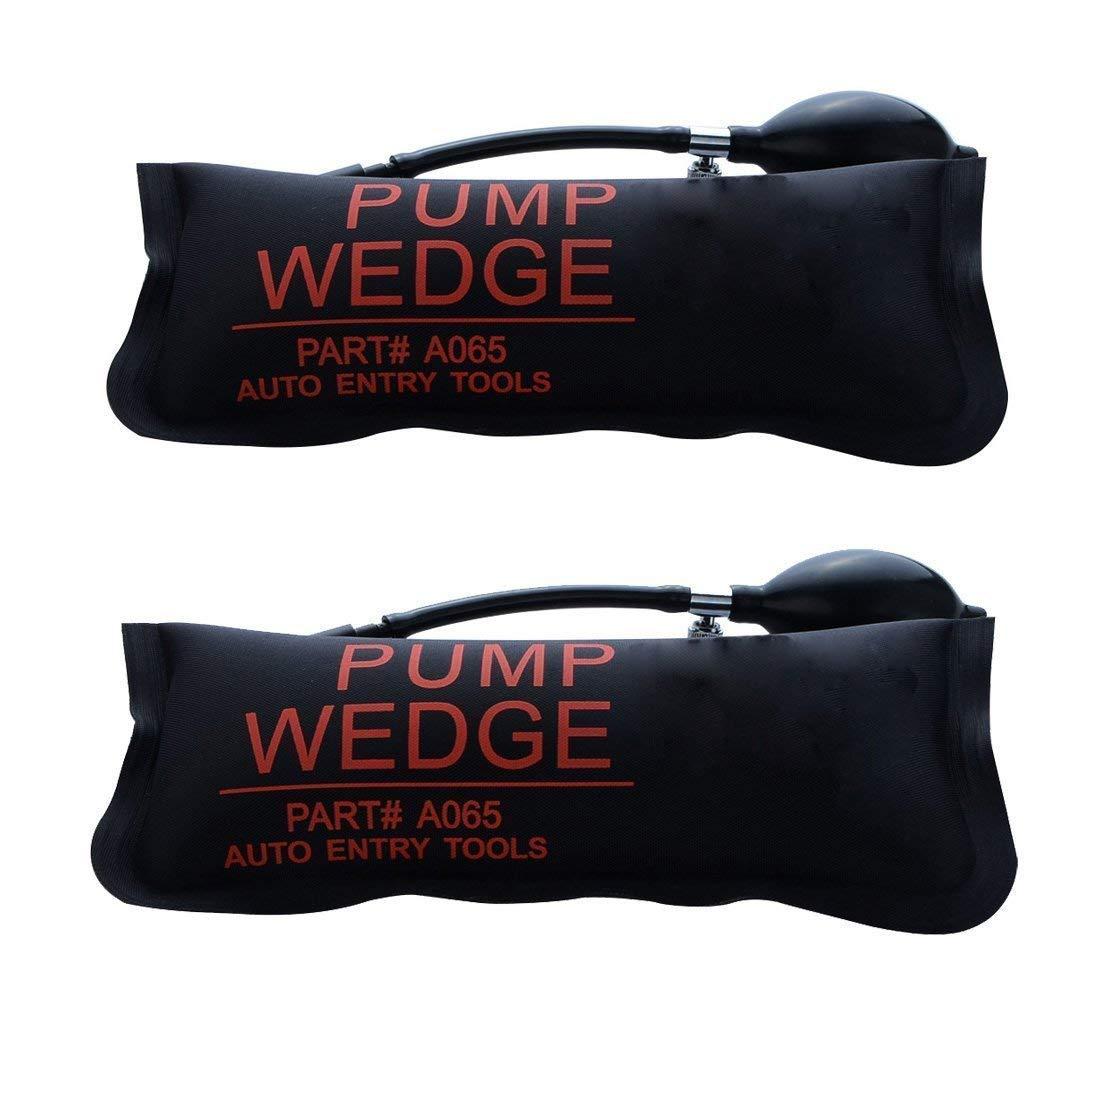 URXTRAL Pump Air Wedge Alignment Tool Aufblasbare Shim Air gepolsterte leistungsstarke Handwerkzeuge